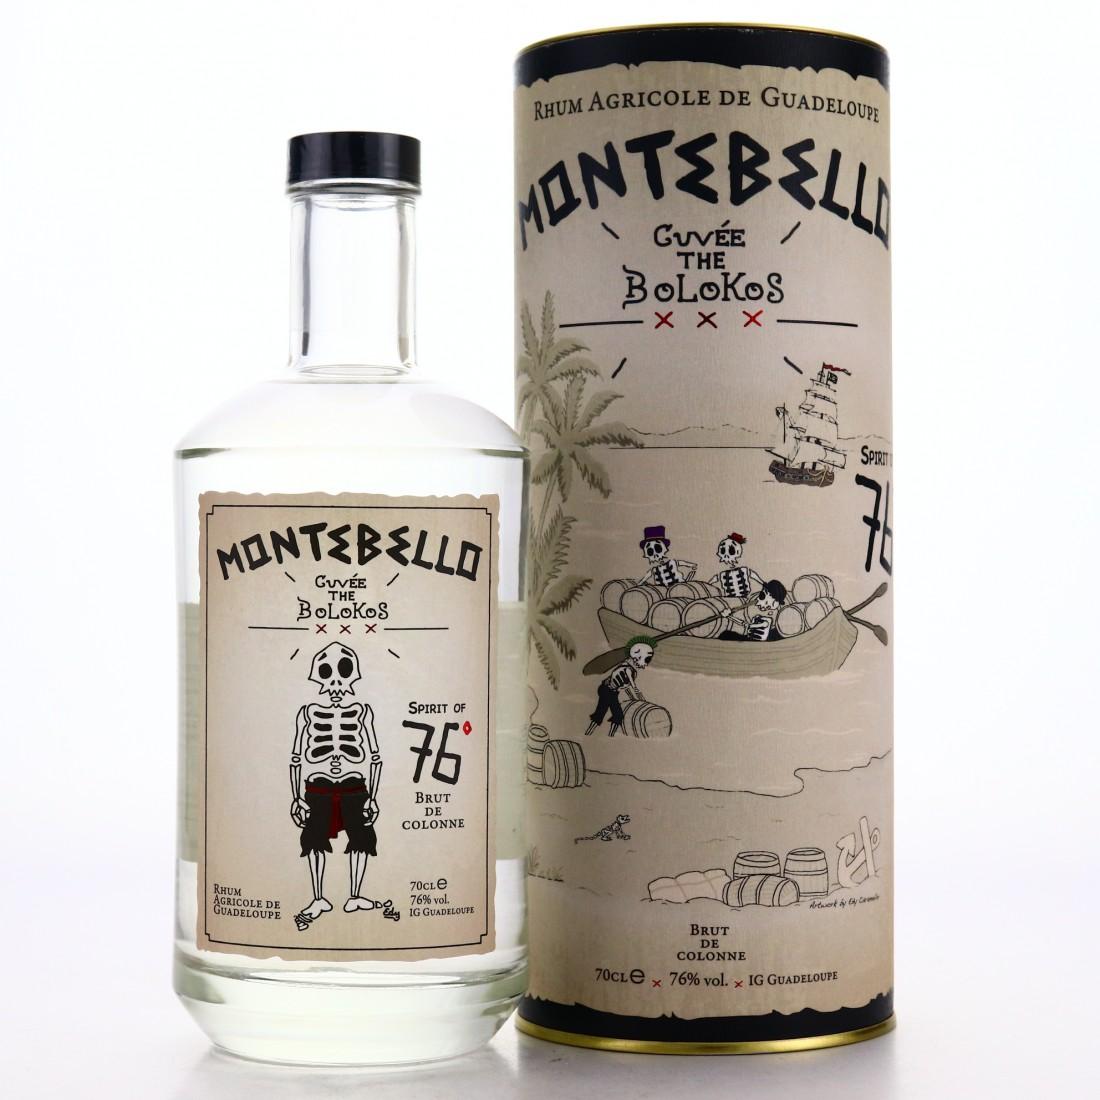 Montebello Cuvee the Bolokos